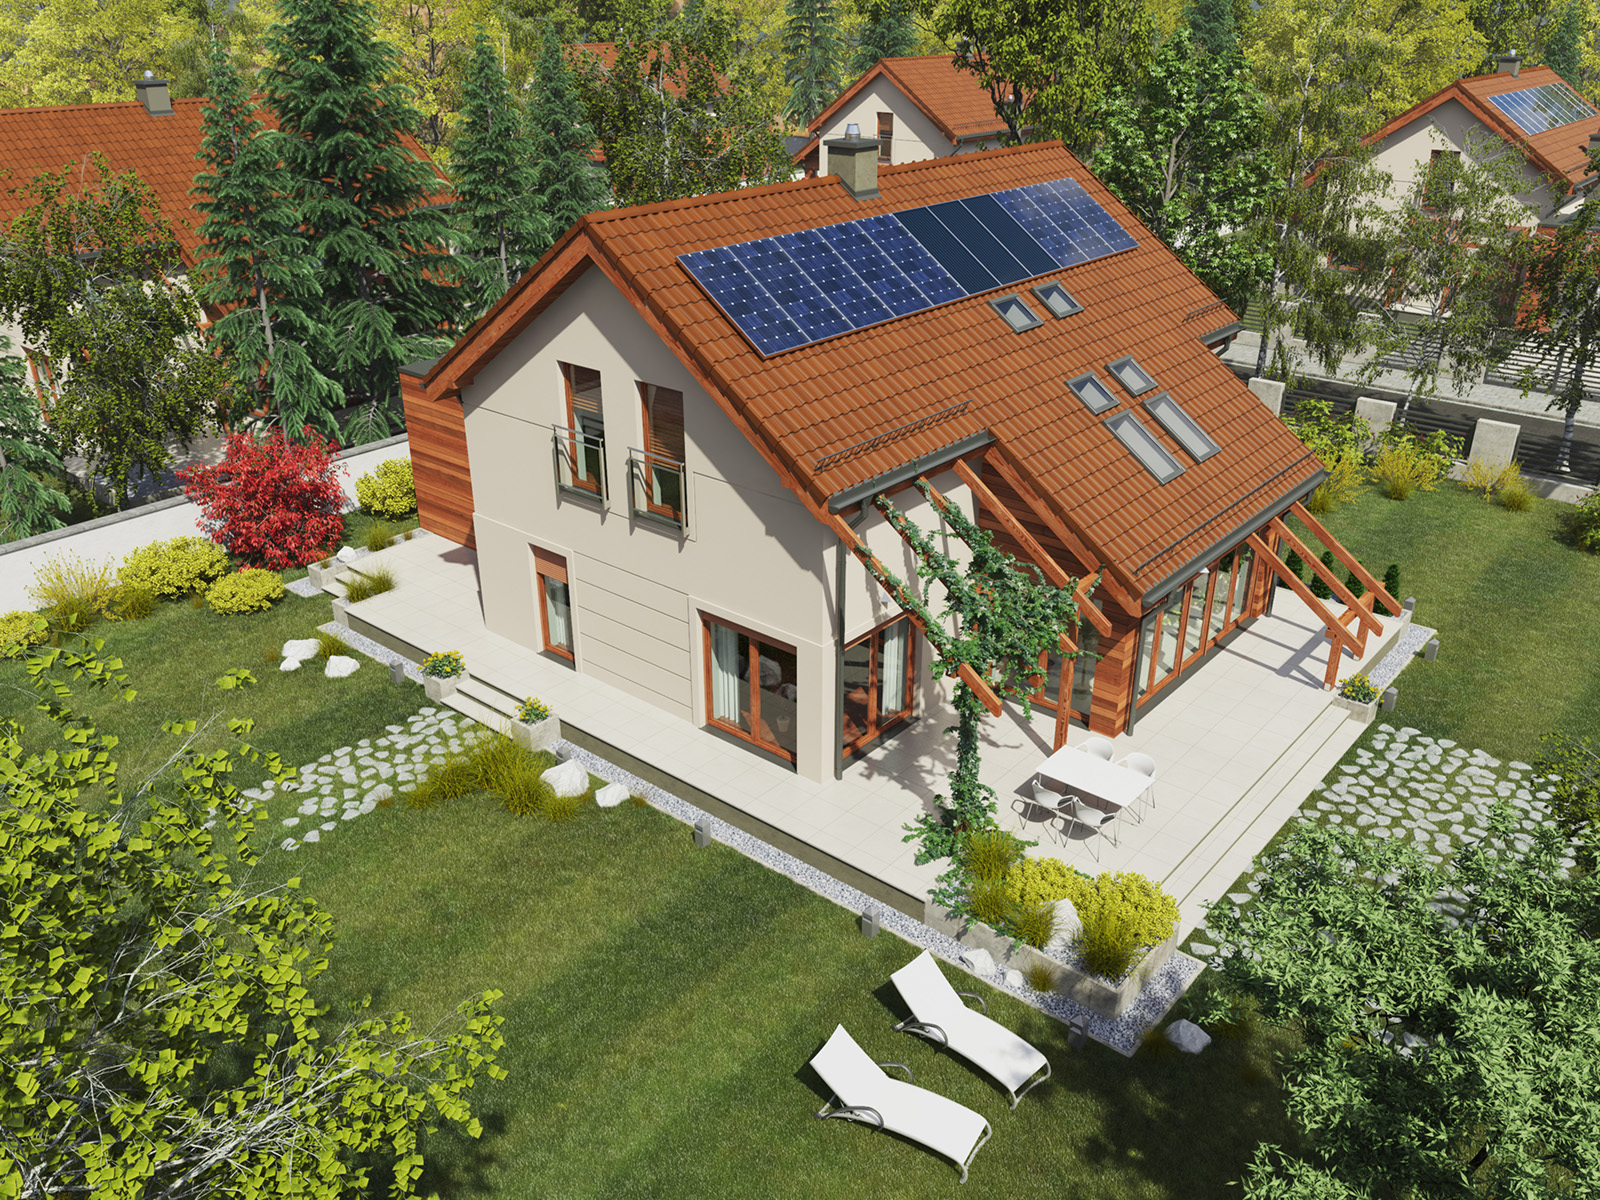 Projekt domu Z ORANŻERIĄ Domy Czystej Energii widok od ogrodu